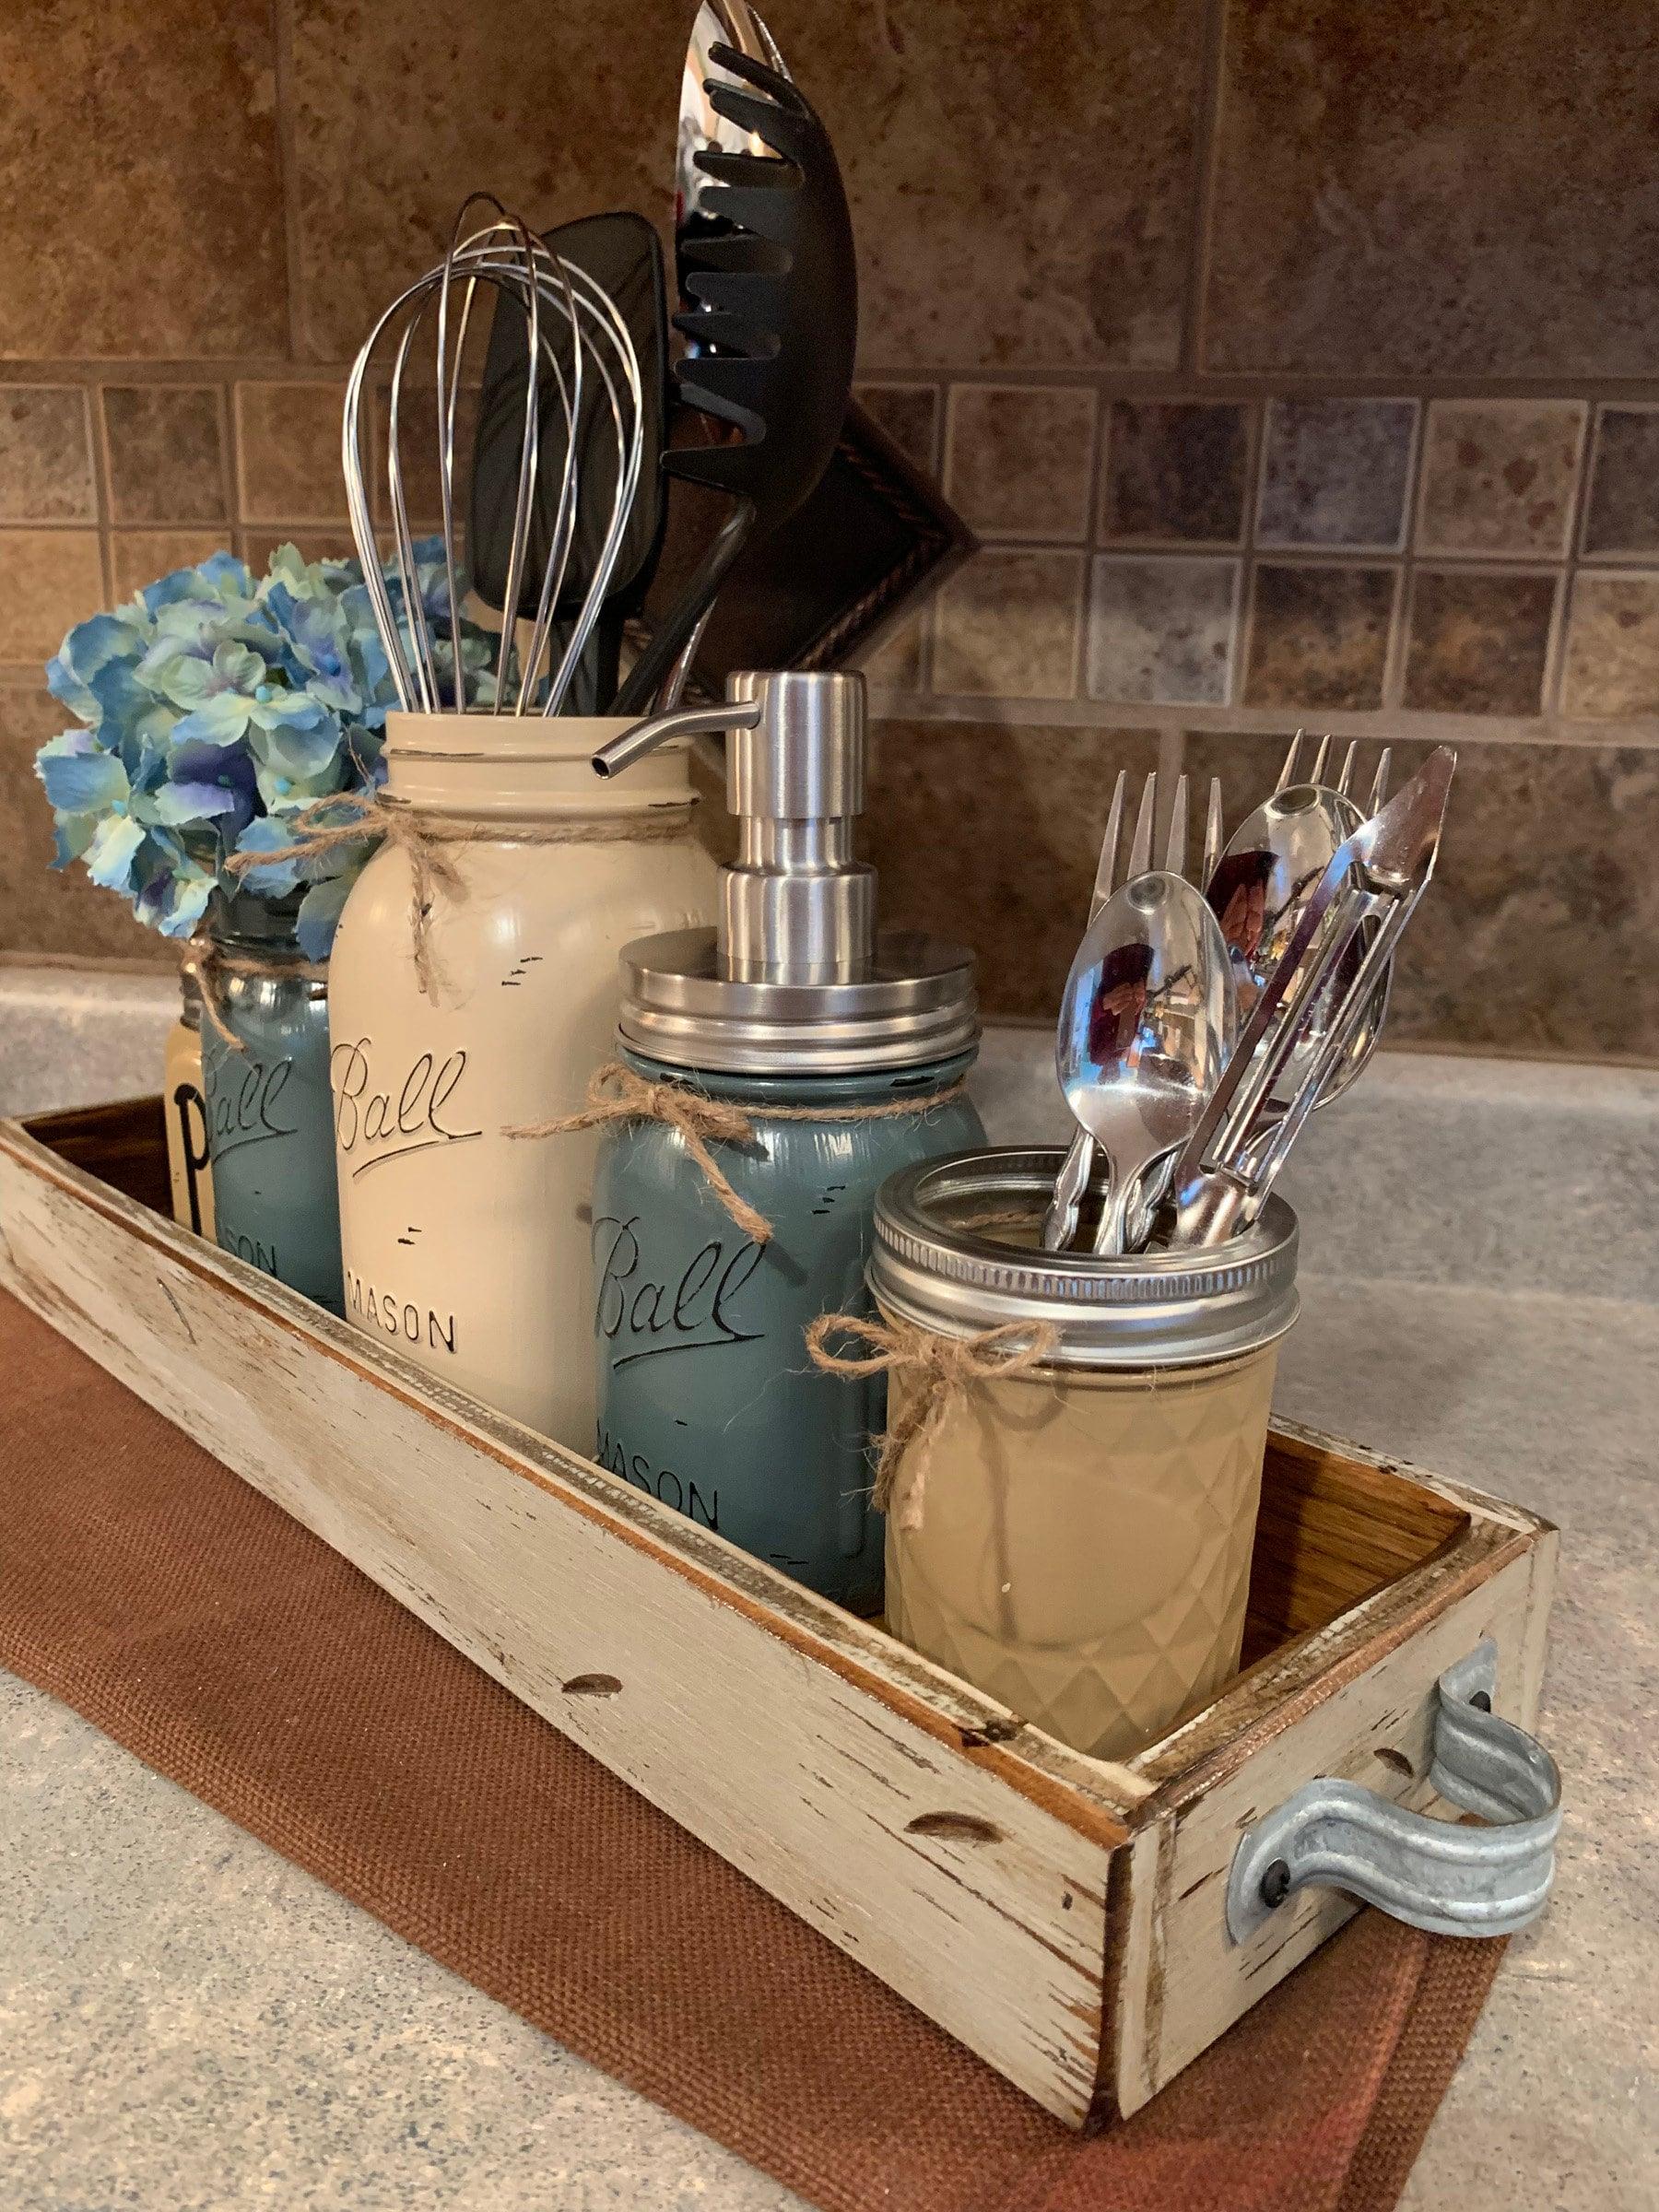 MASON Jar Kitchen Decor Antique Wood TRAY SET, Salt